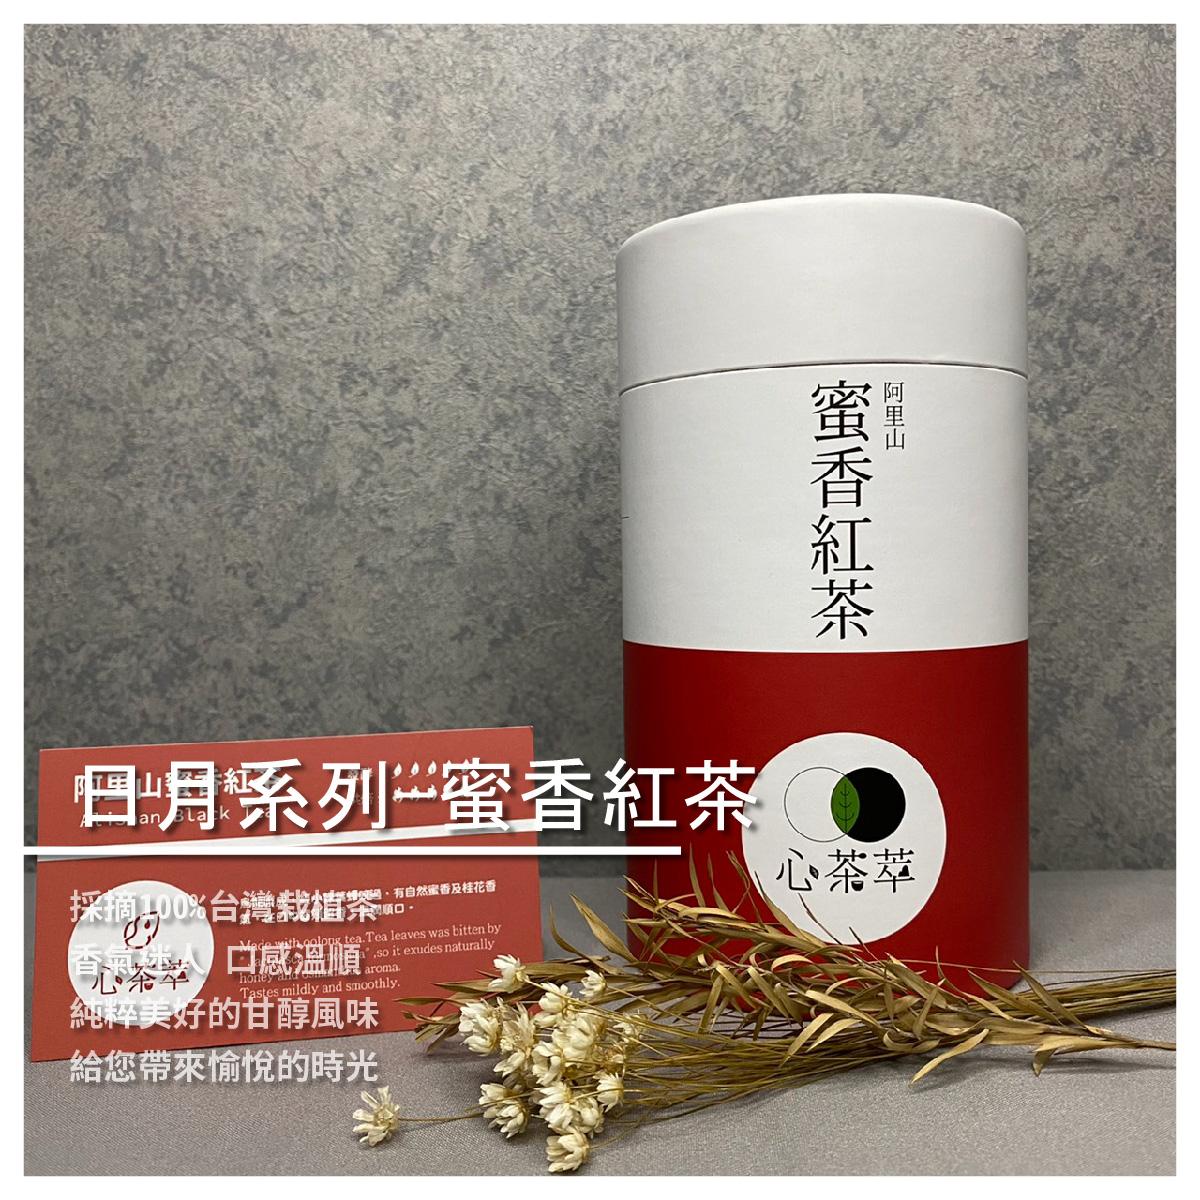 【心茶萃】日月系列-阿里山 蜜香紅茶 150g/ 罐